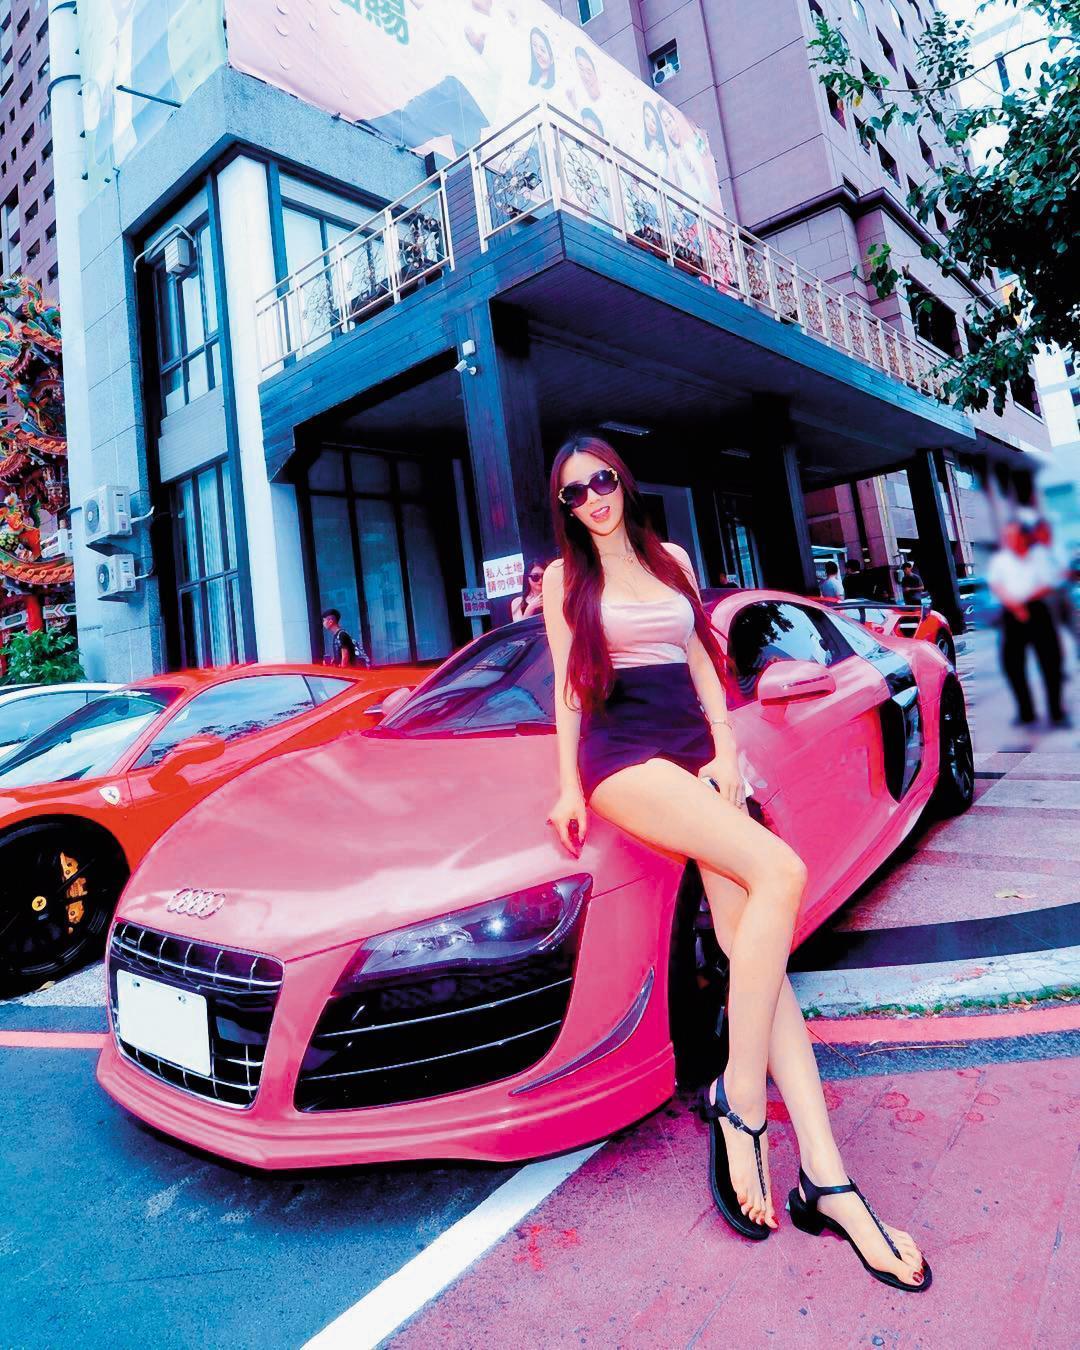 翁子涵(圖)遭爆接受富商餽贈跑車,但李光輝強調車子是她自行購買的。(翻攝自翁子涵IG)